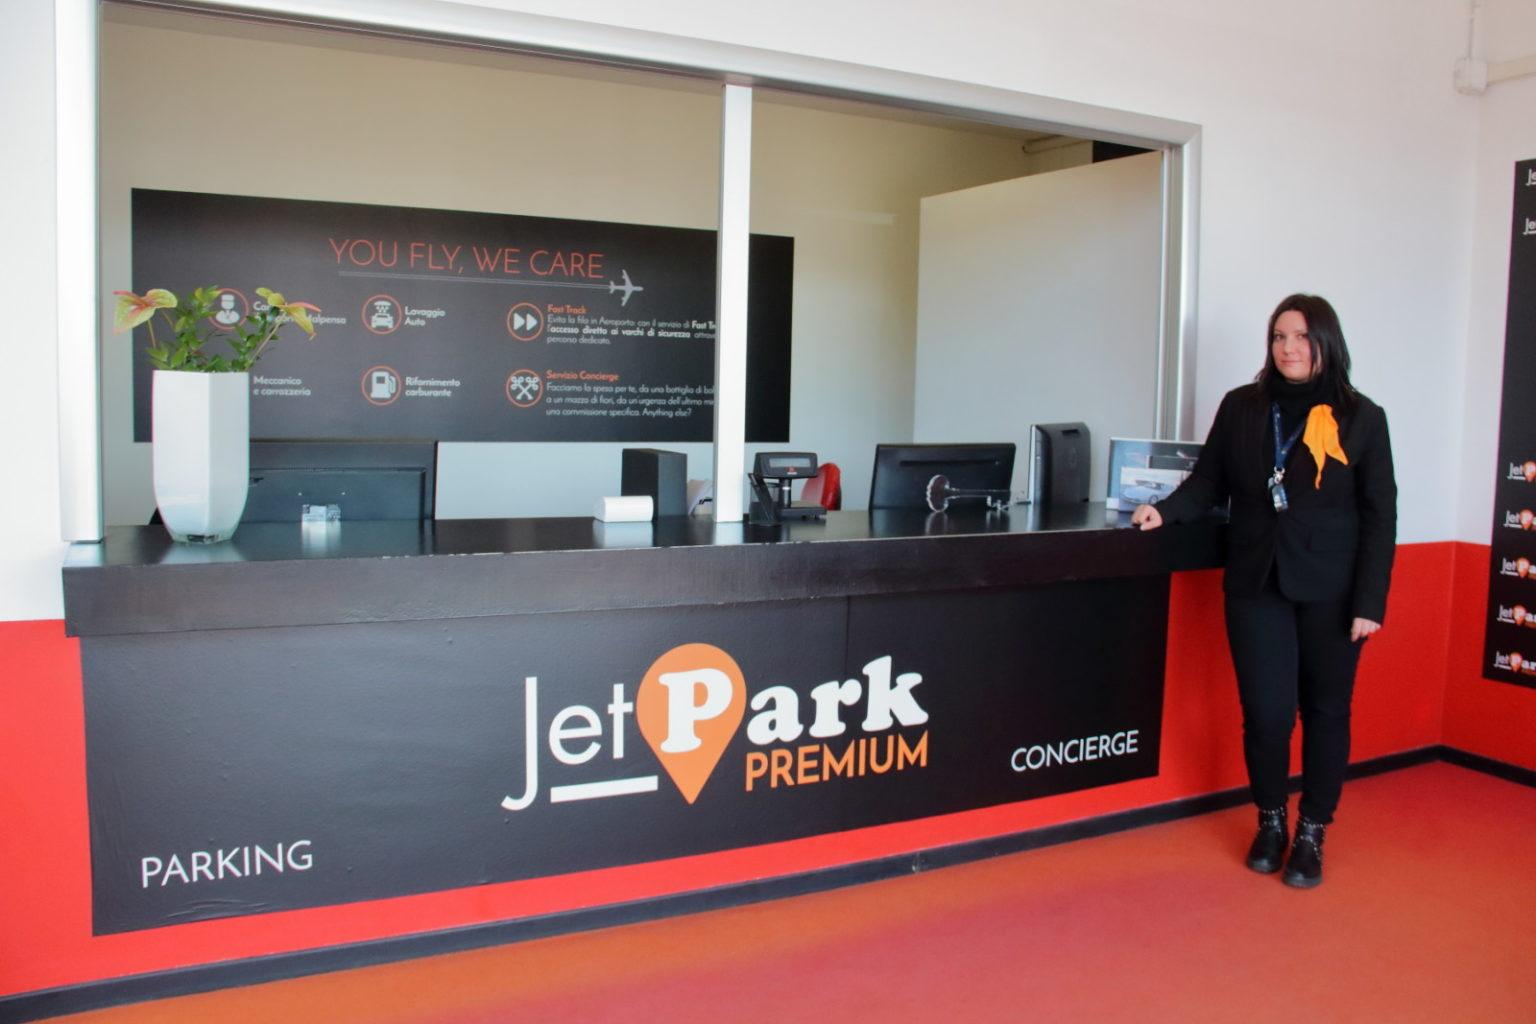 JetPark Premium08 - Sempione News